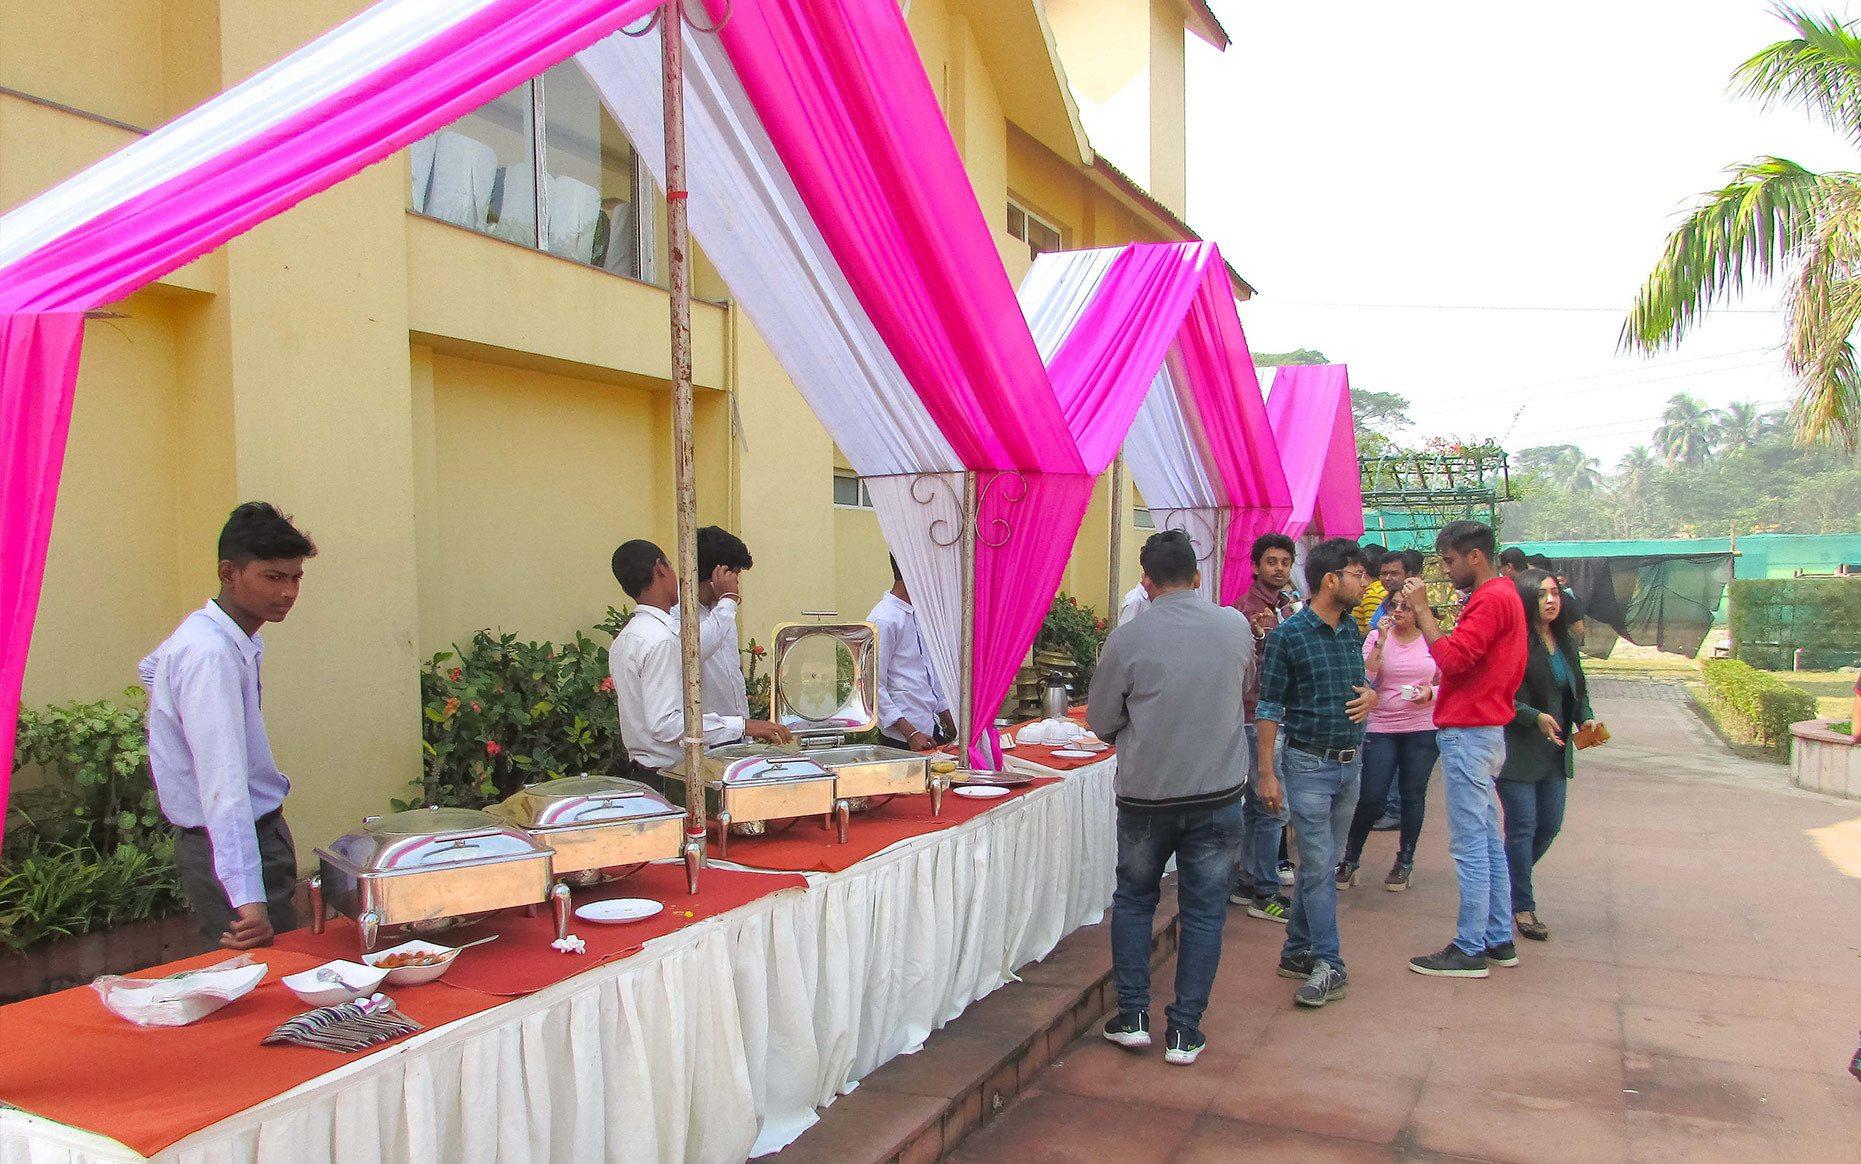 food-area